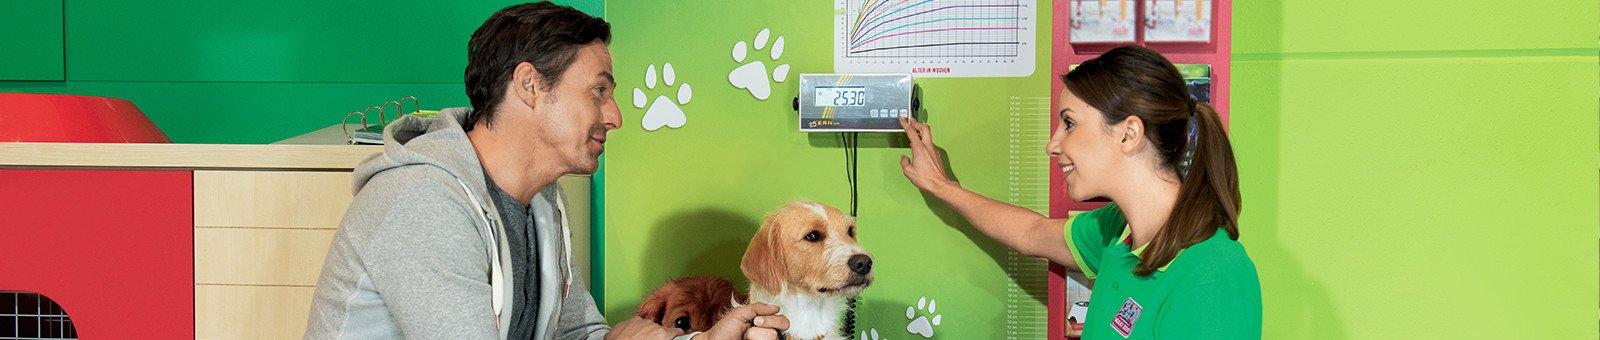 Que ce soit dans votre animalerie de Toulouse ou d'ailleurs, les équipes de Maxi Zoo sont disponibles et compétentes